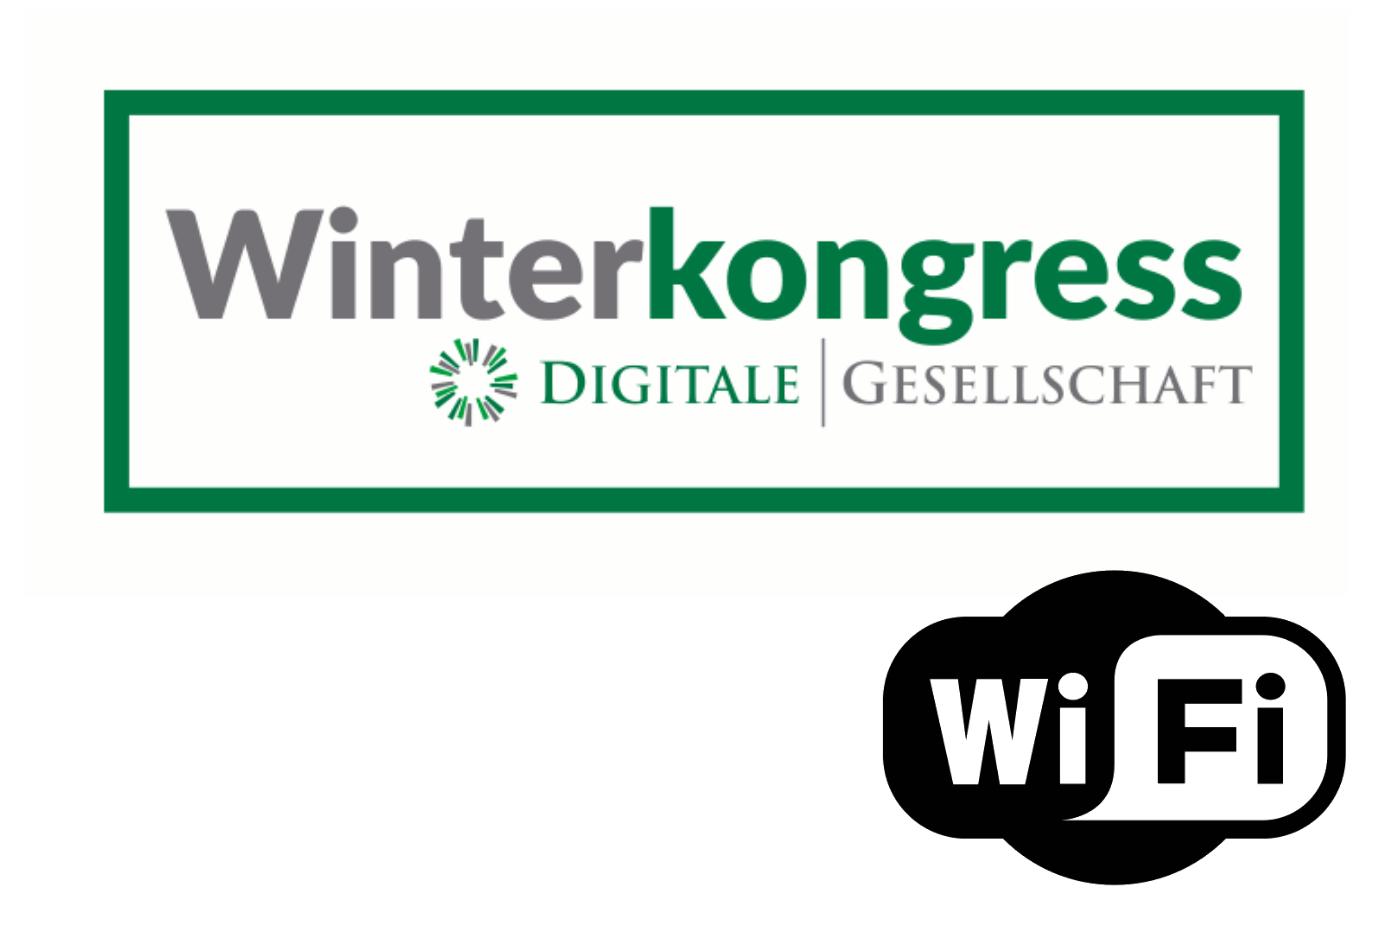 Digitale Gesellschaft - Winterkongress 2018